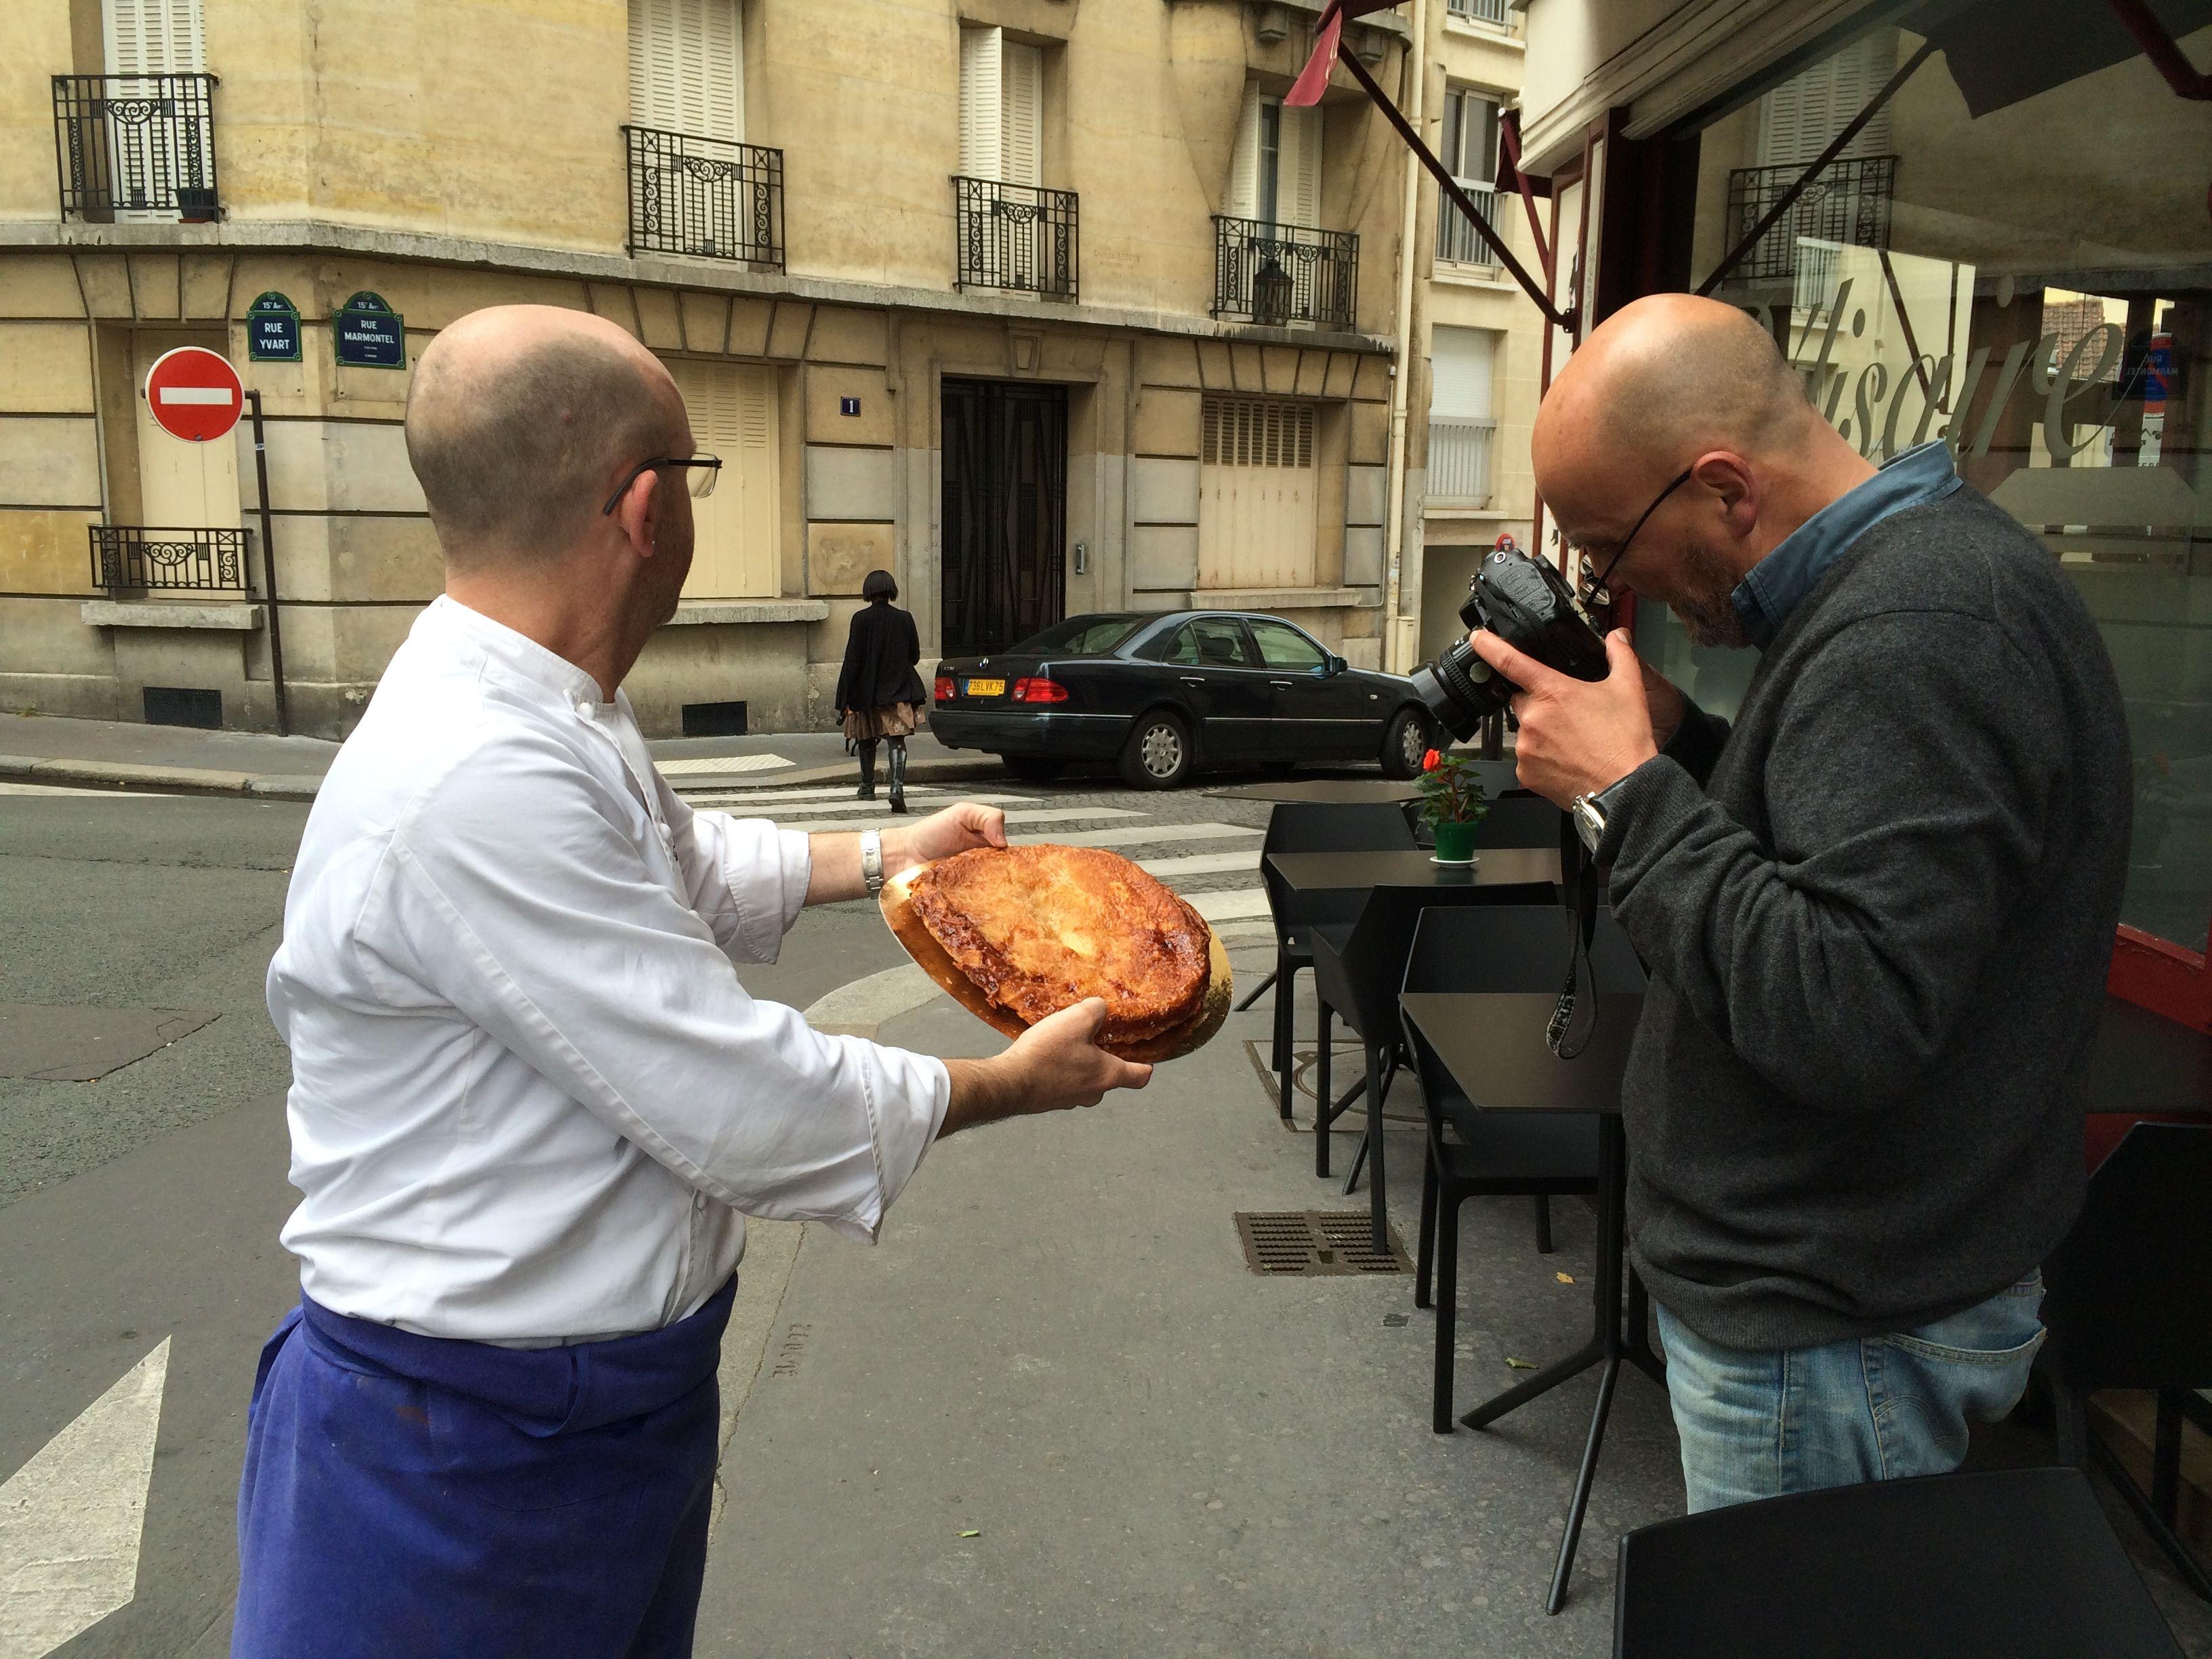 Photographe #HervéAmiard prends en photo le kouign-amann du chef #MatthieuGarrel au #Bélisaire.  #LivreRecettes #CDPEditions